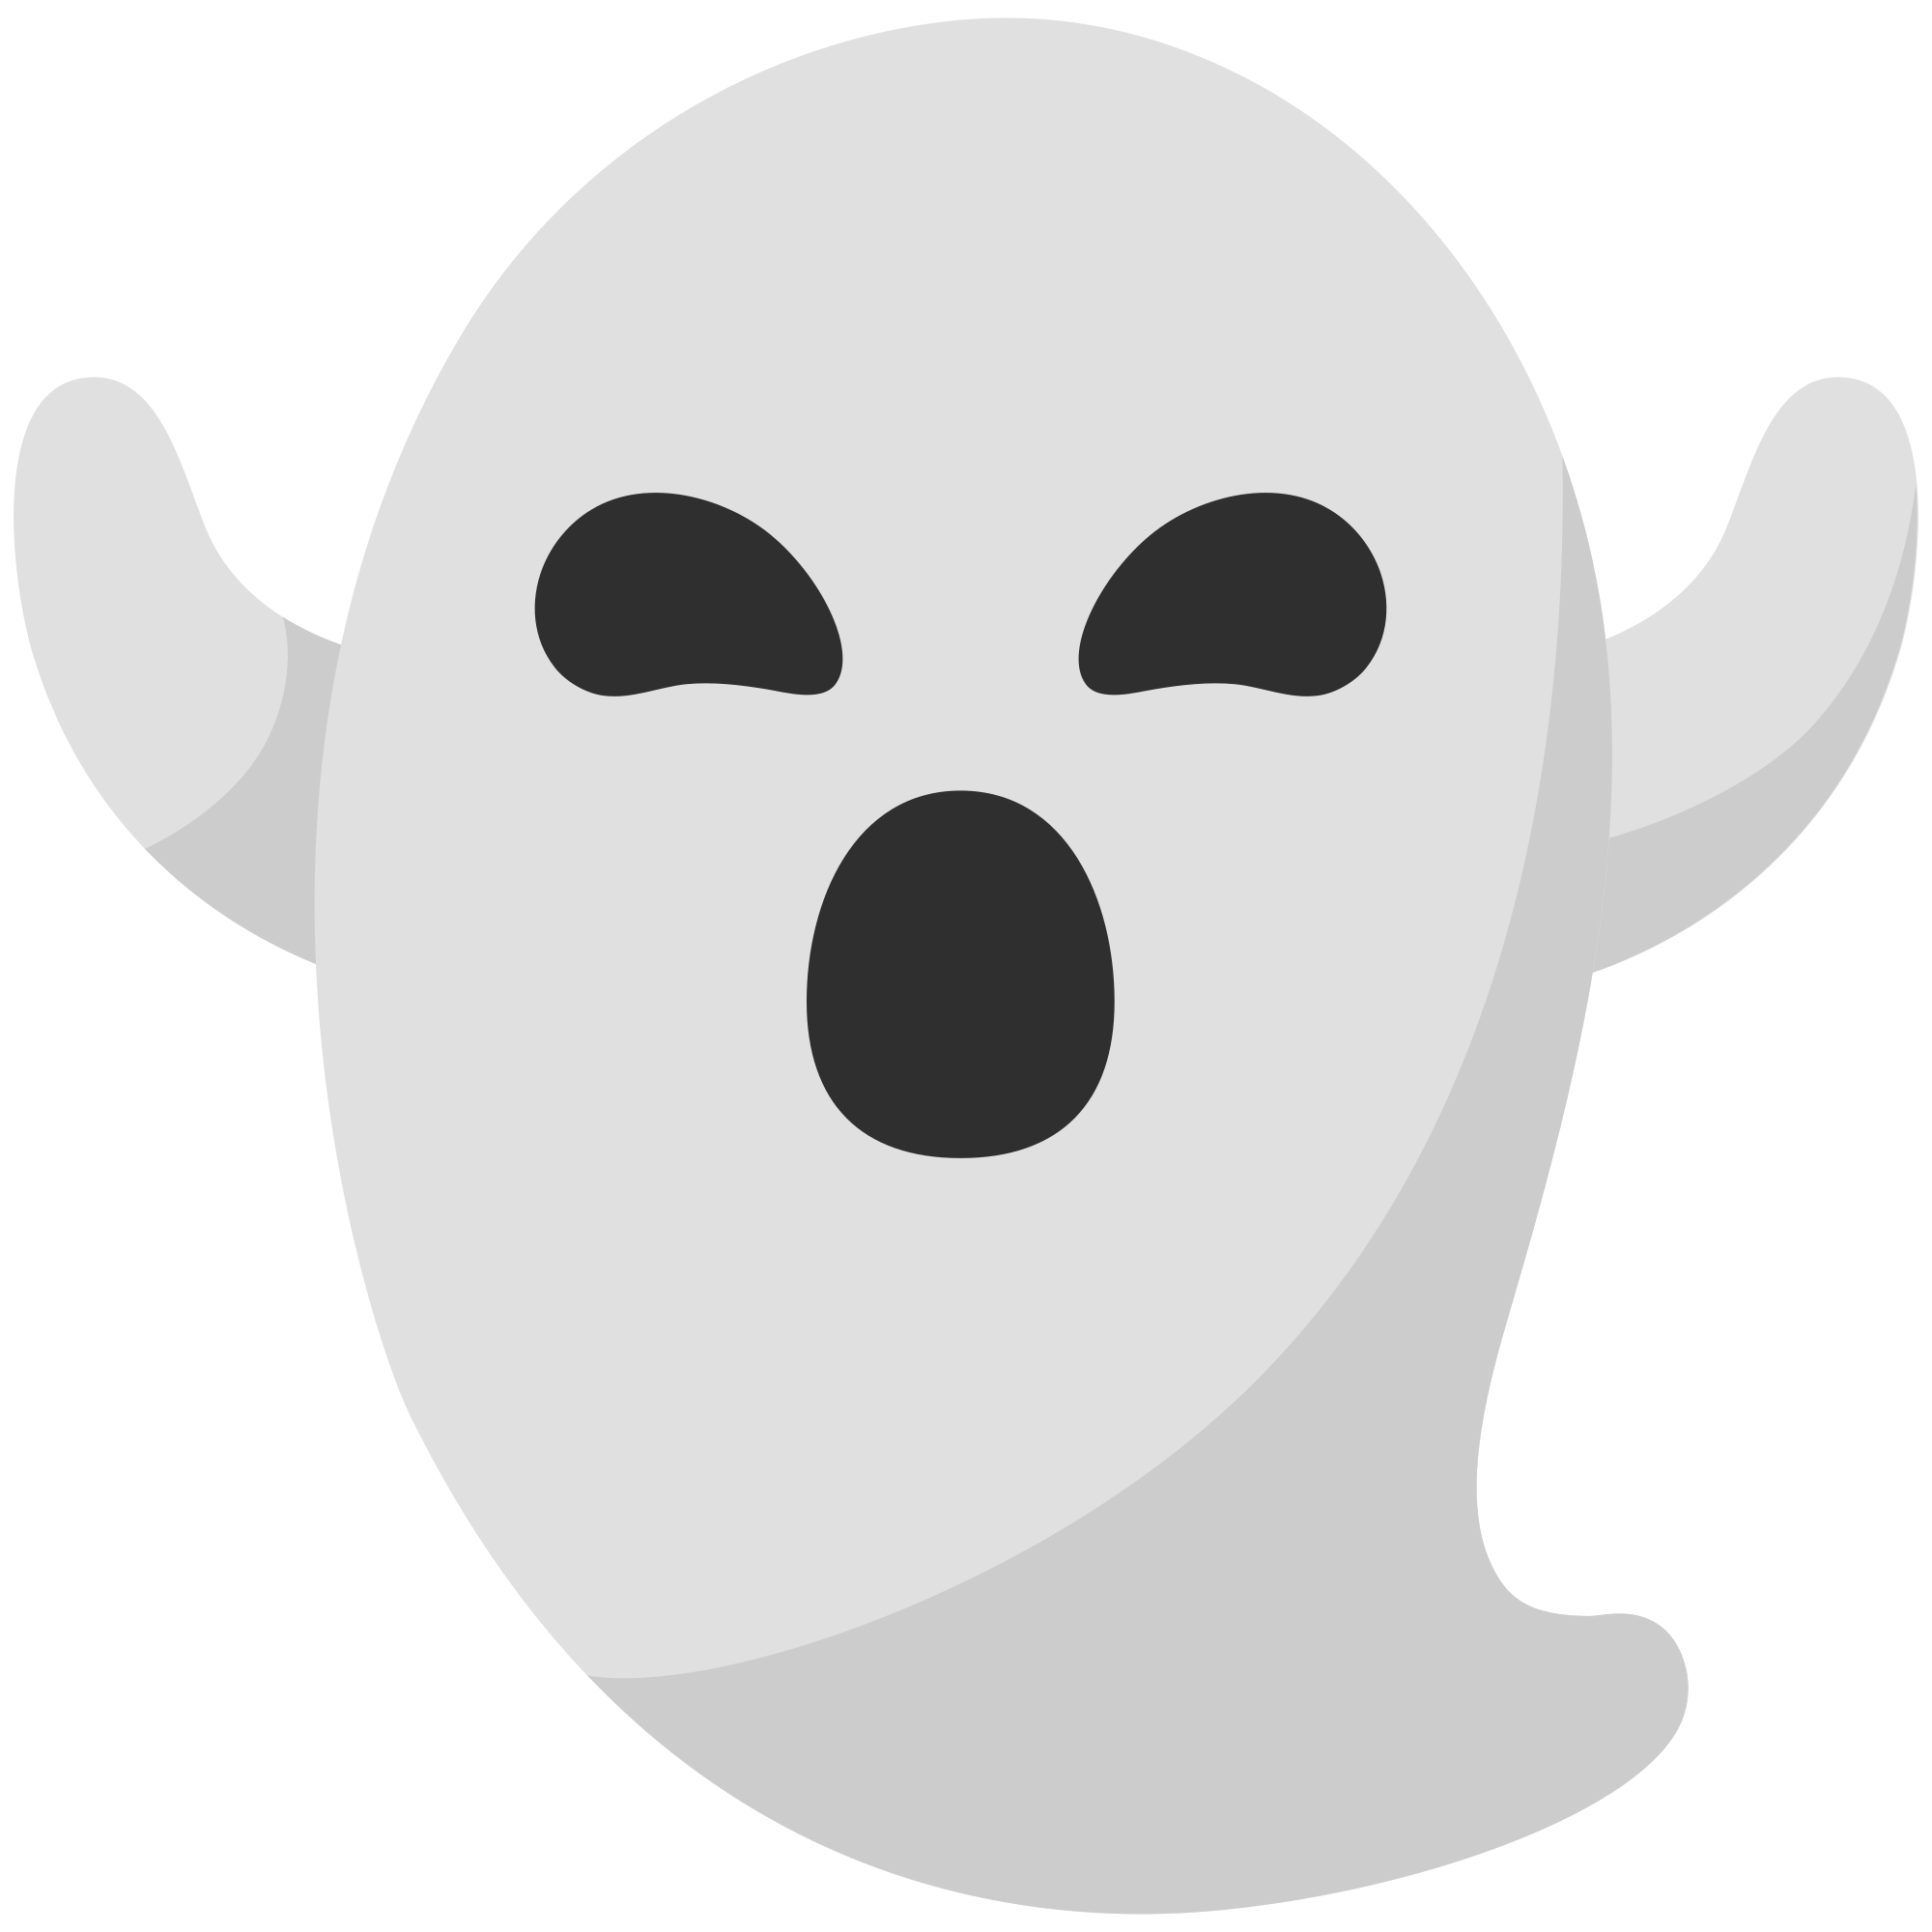 Ghost Emoji Png Jpg Freeuse Stock #51687.